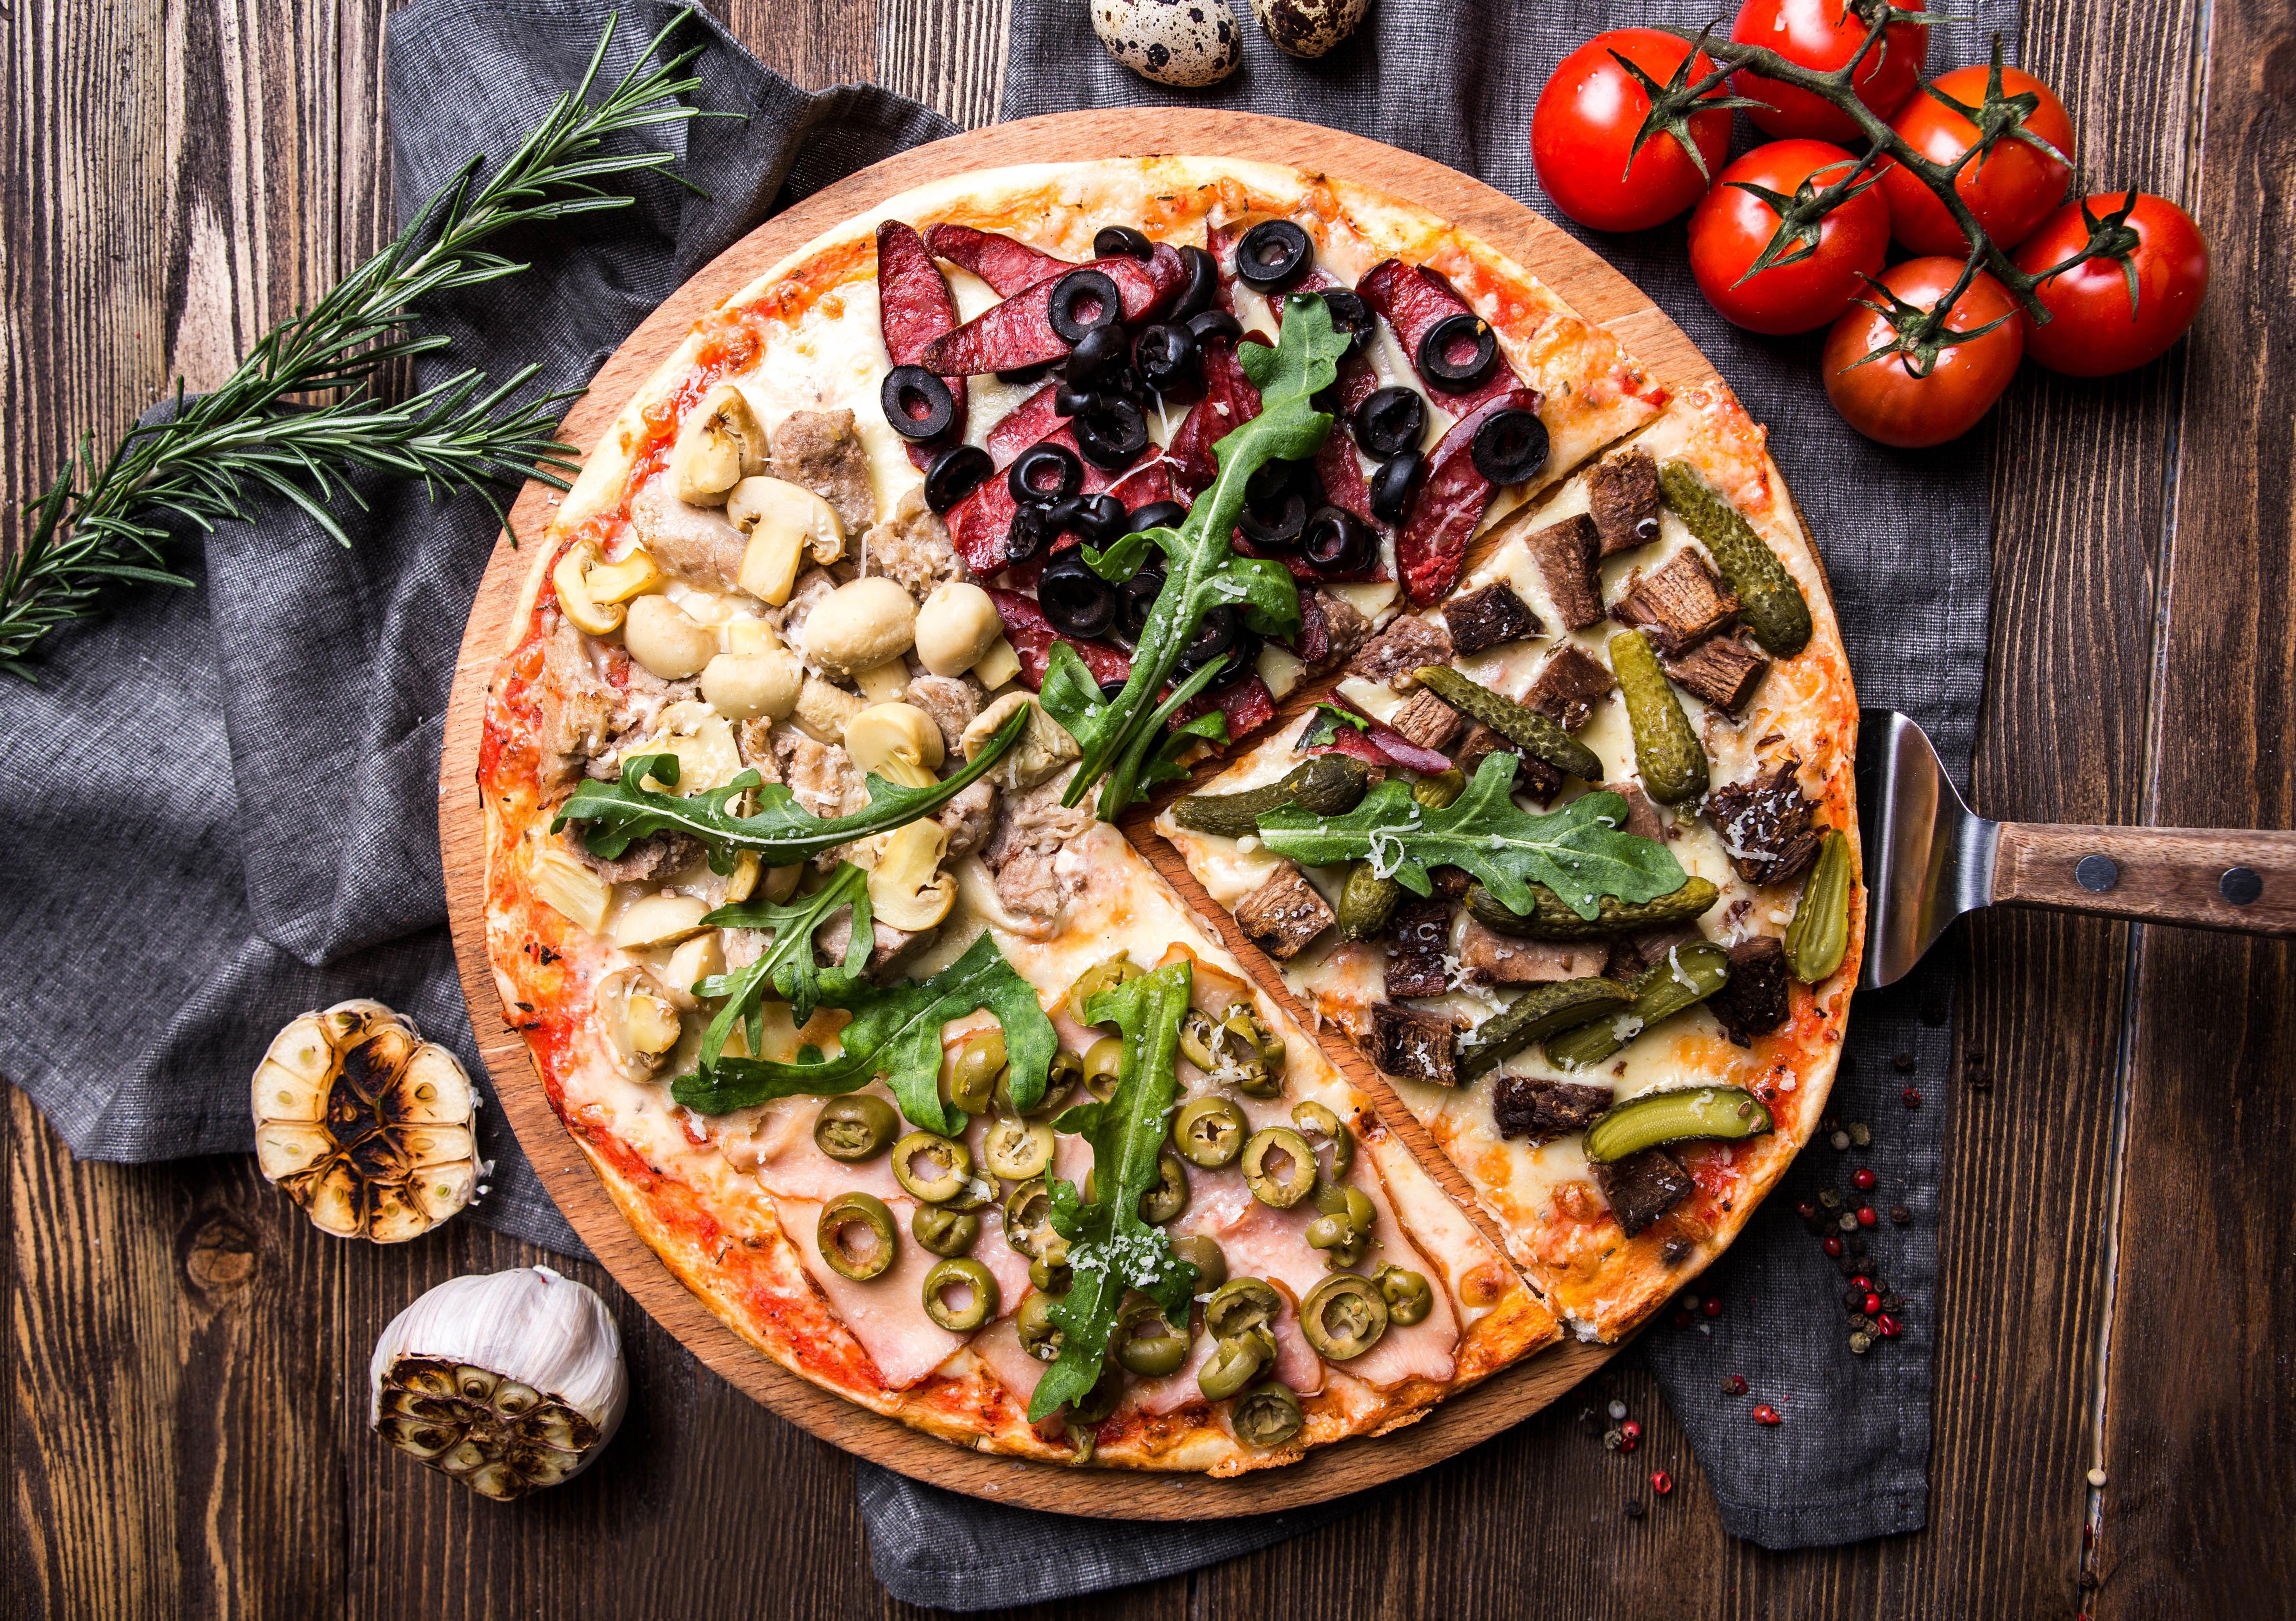 Картинки пиццы в хорошем качестве